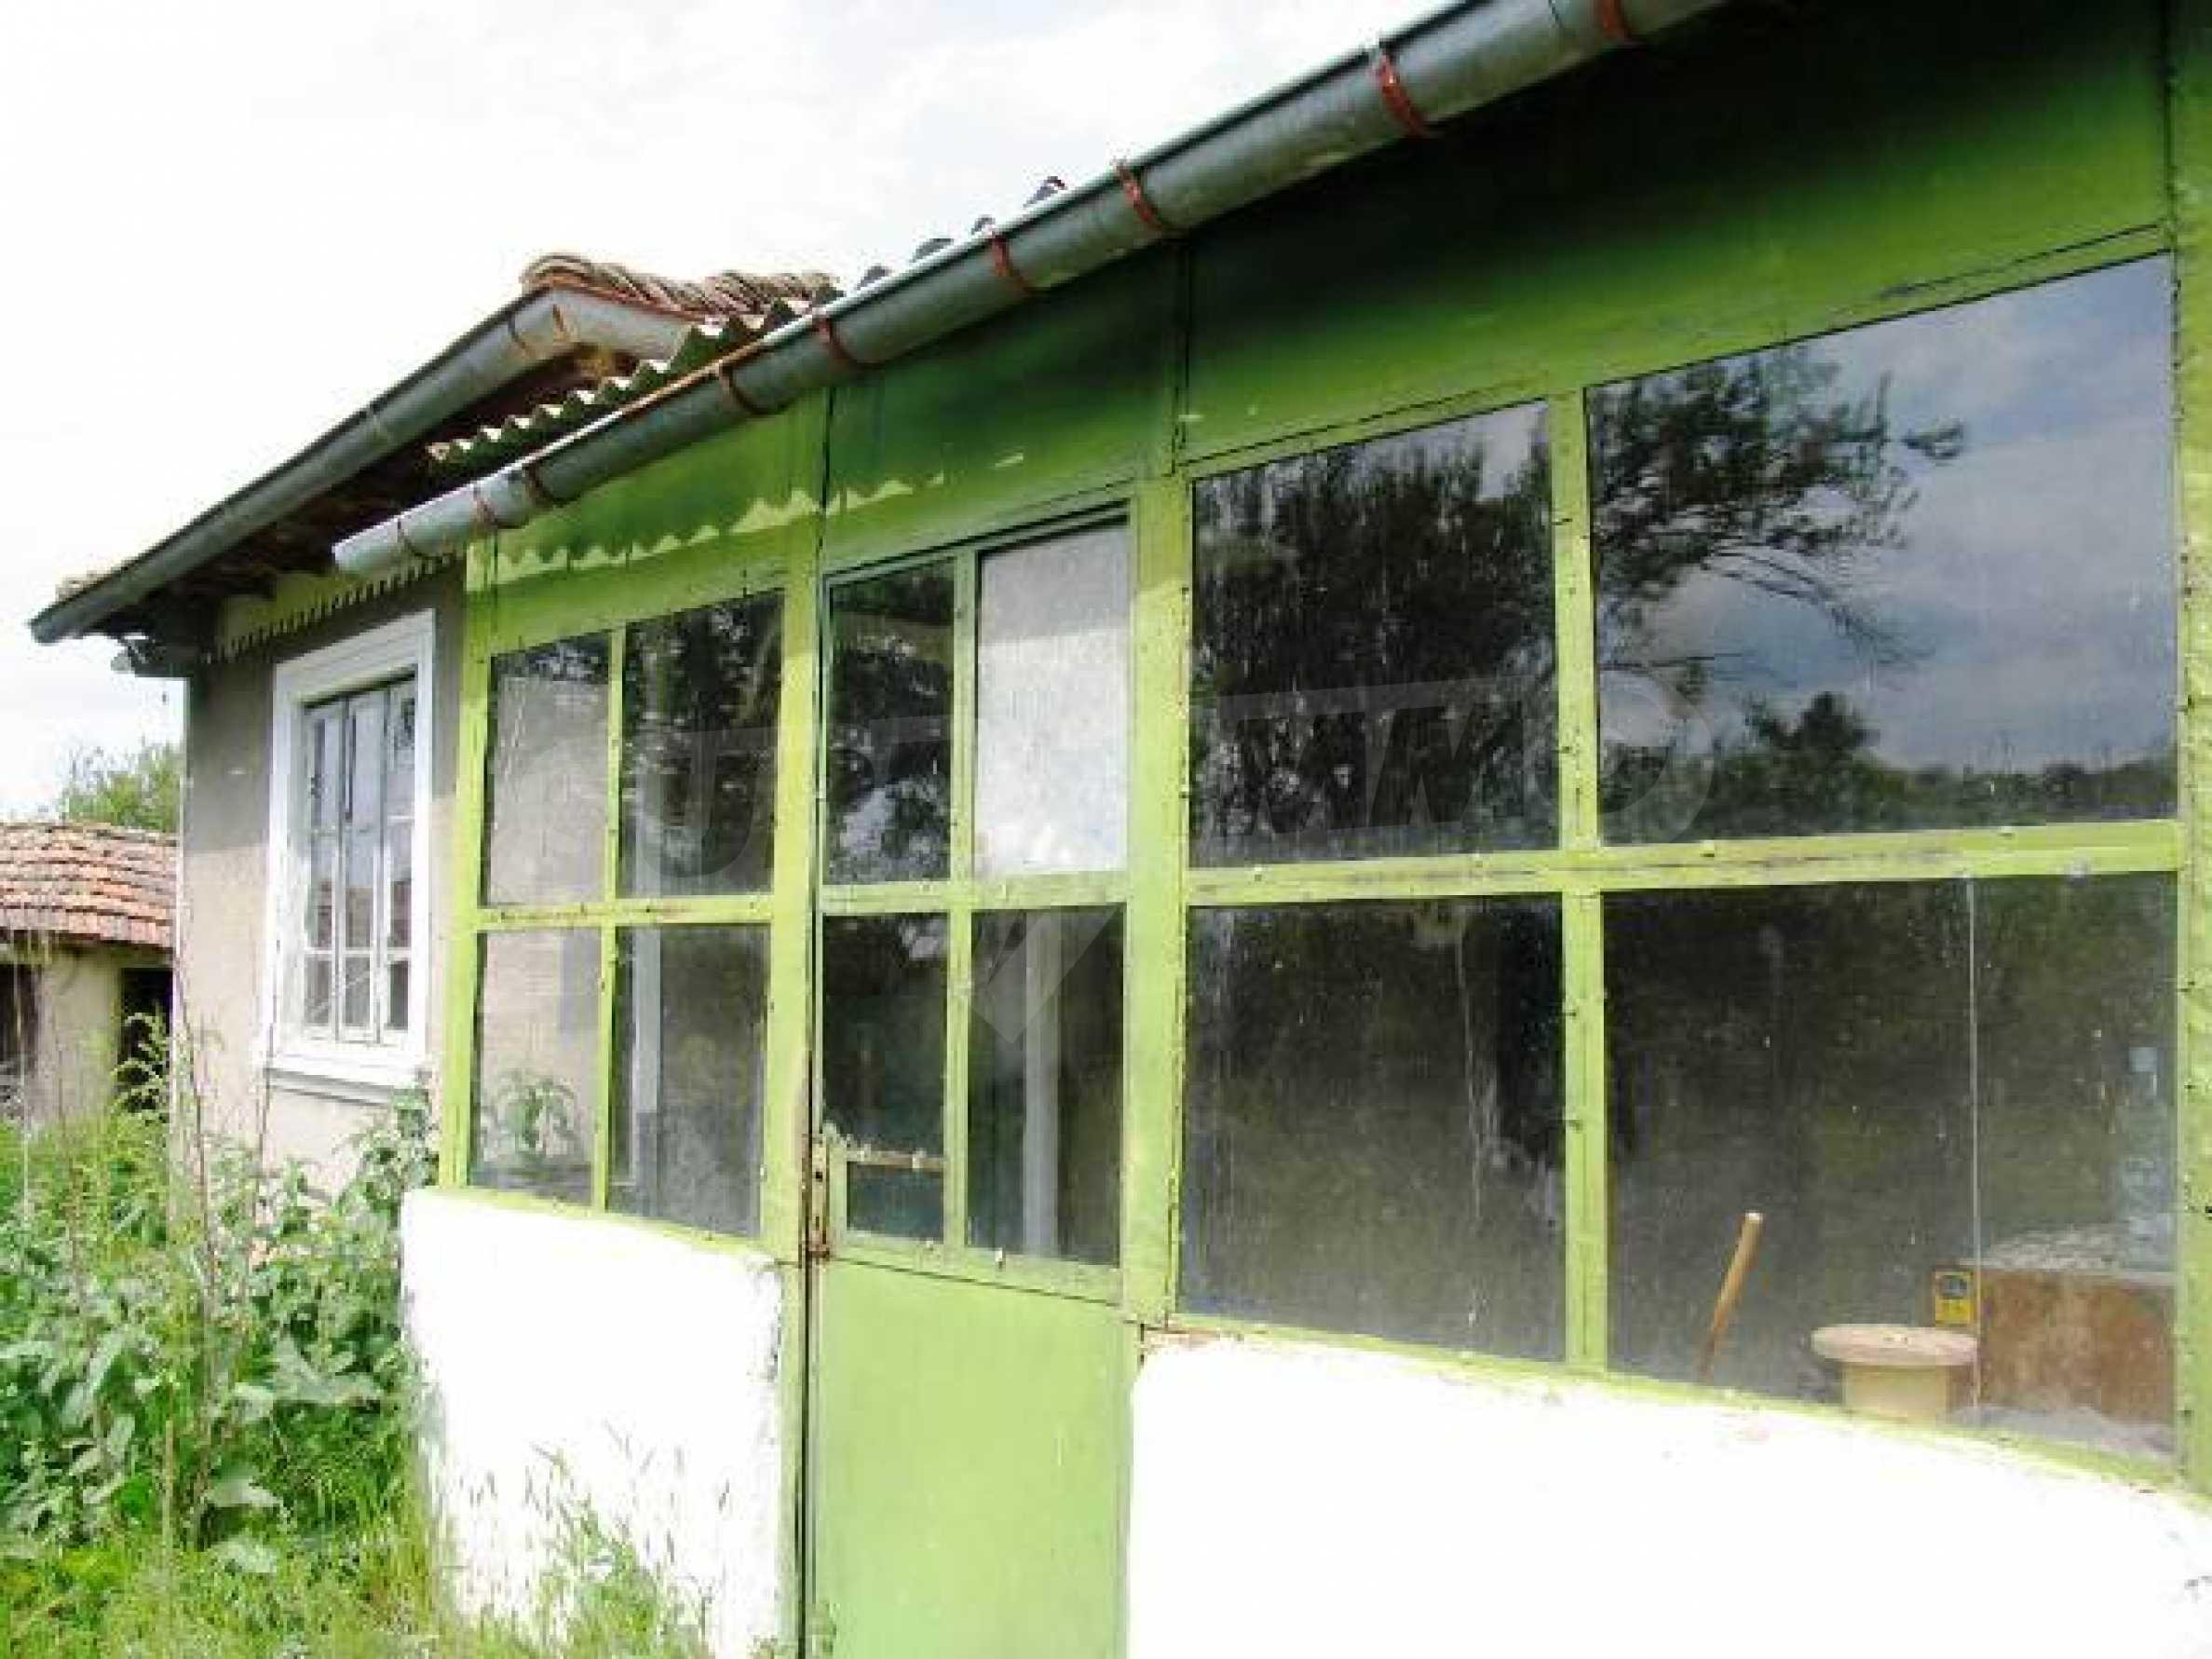 House for sale in Zementsi village near by Romanian border 8